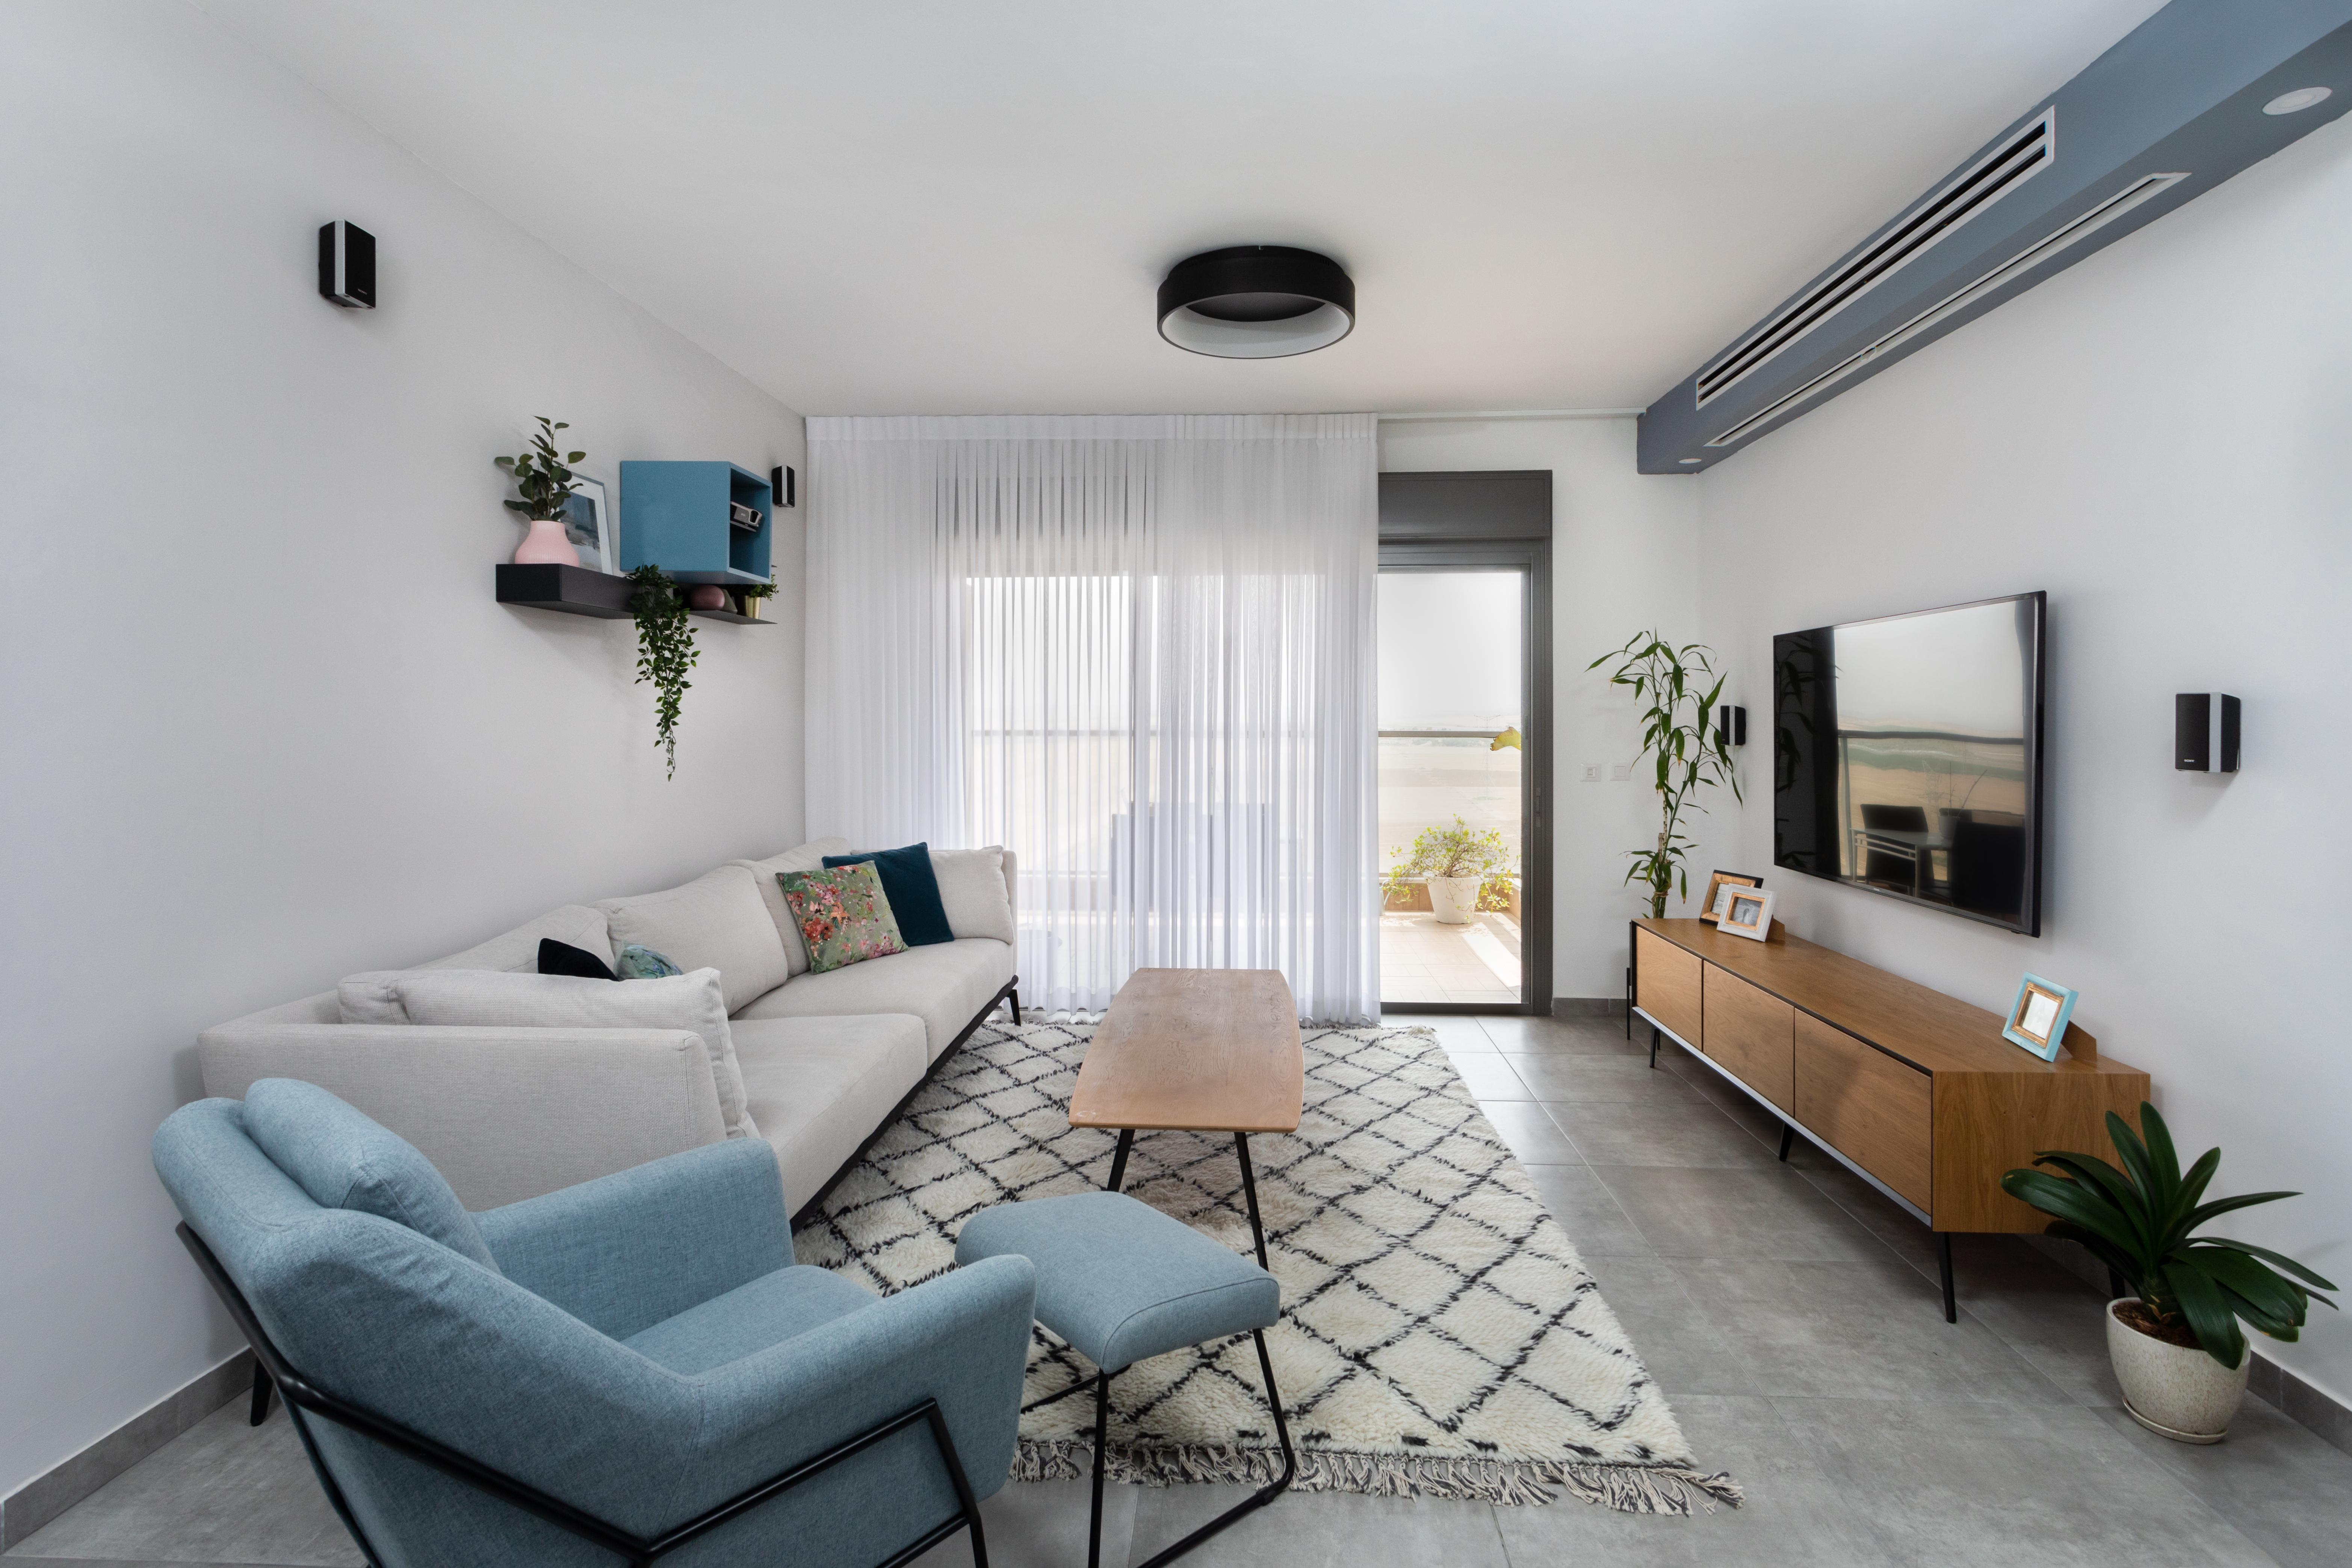 דירת 5 חדרים - קרית גת